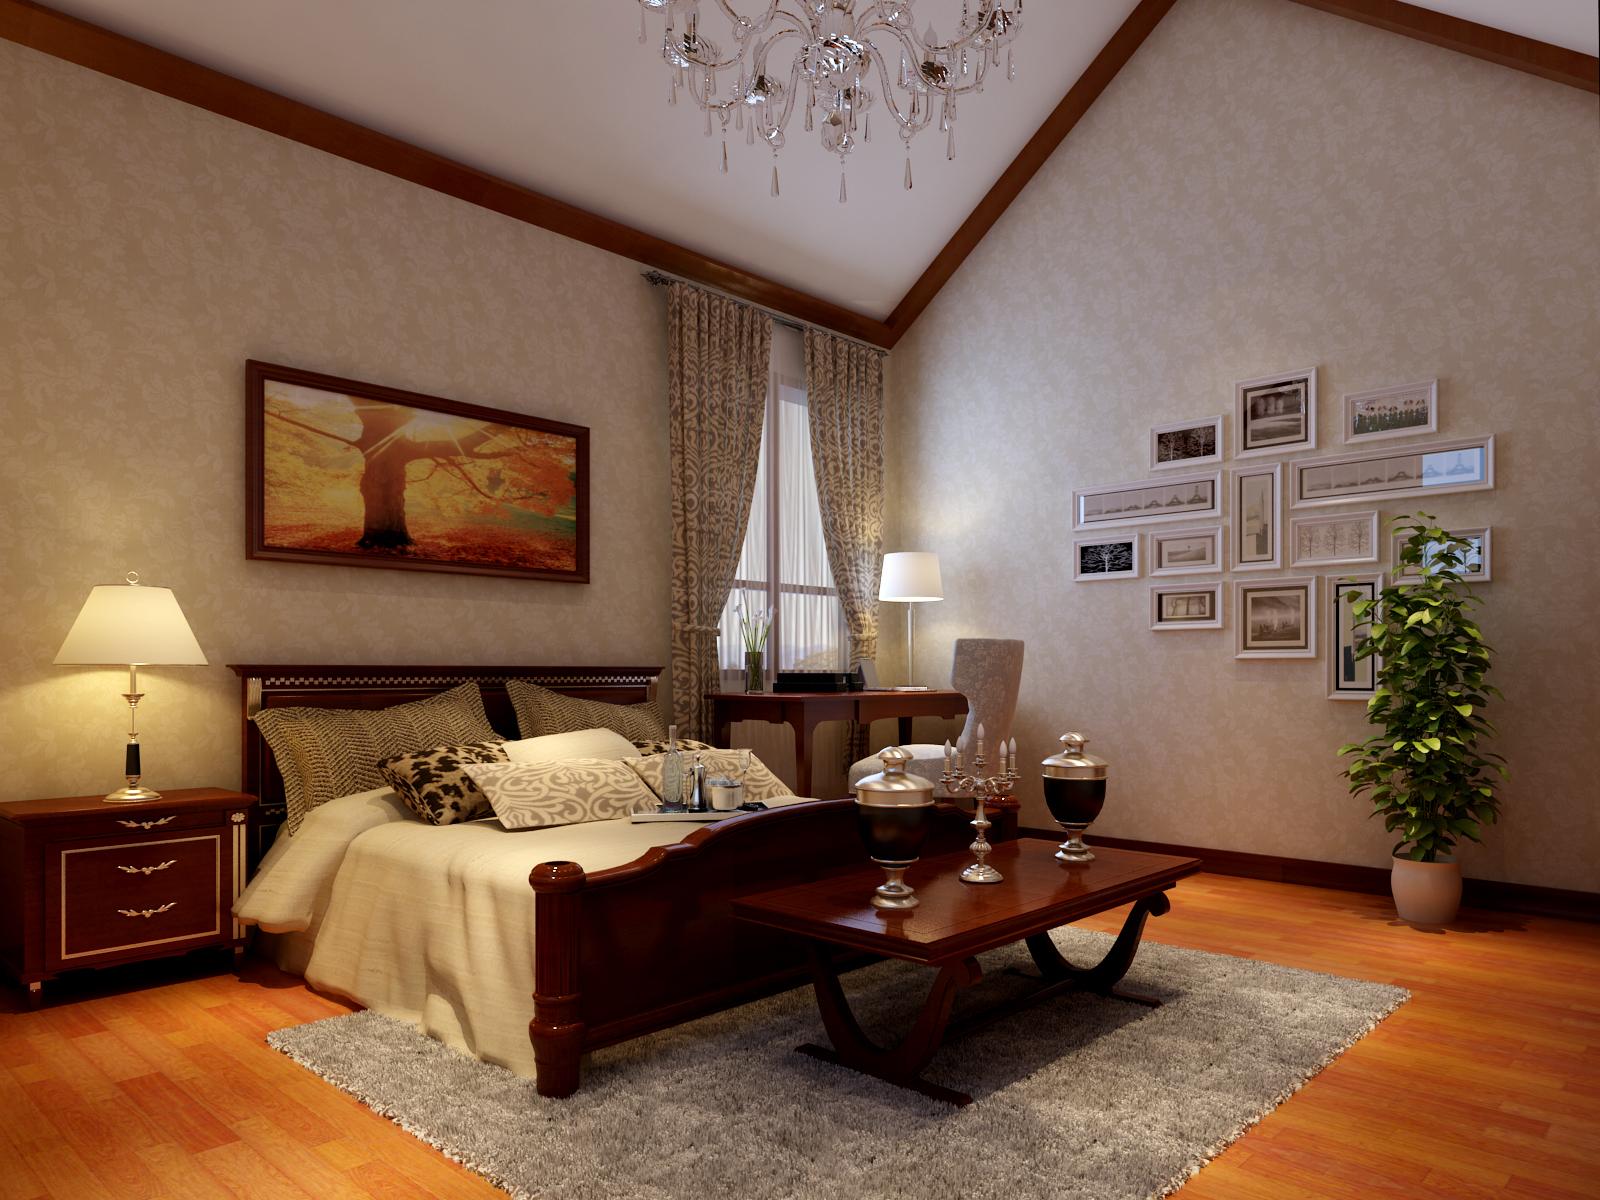 客厅 餐厅图片来自今朝宜居装饰在低调的奢华的分享